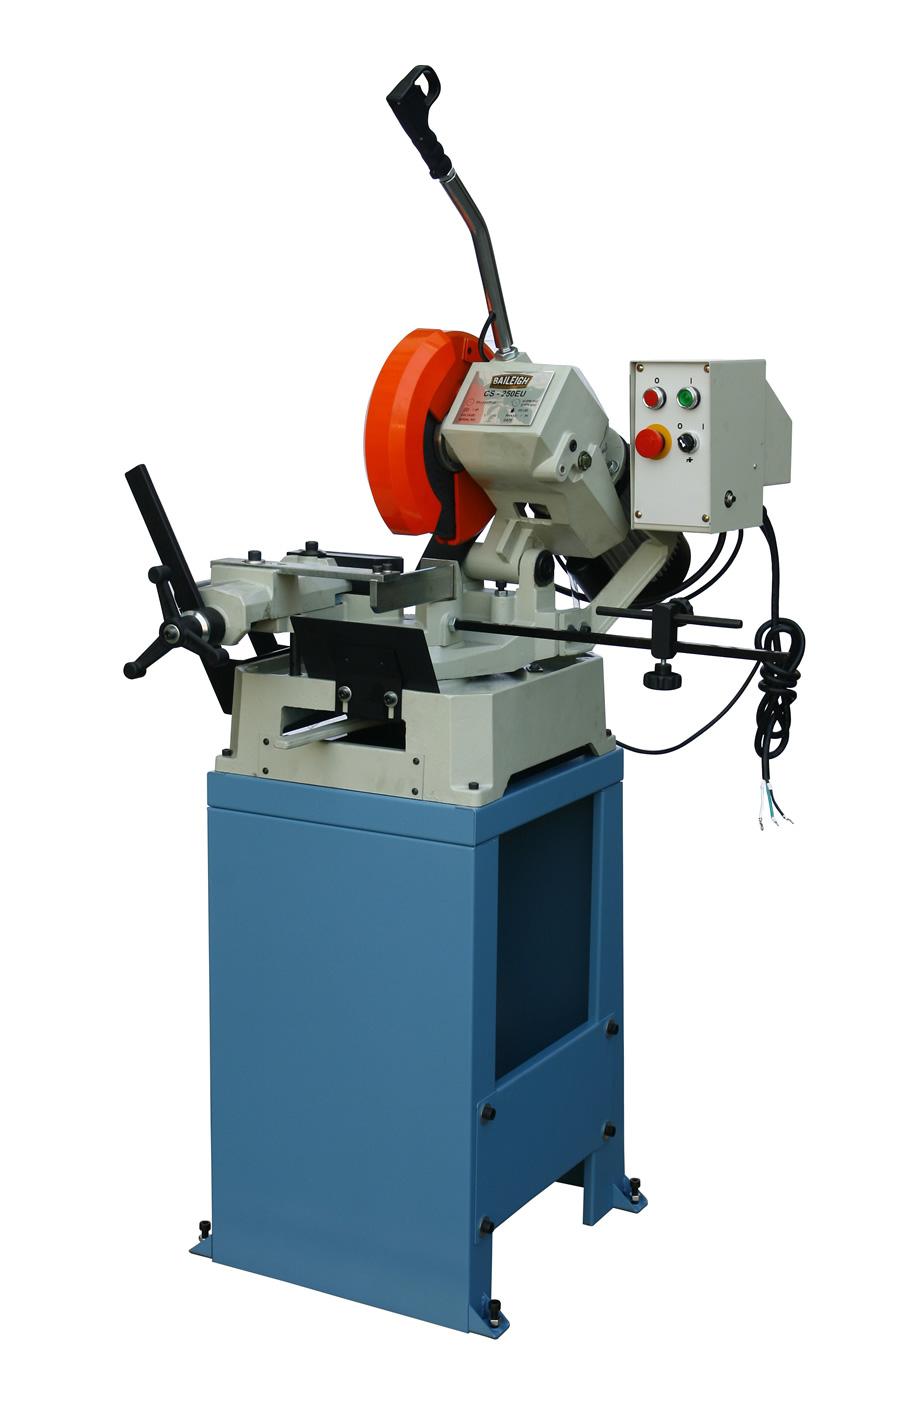 Baileigh Cs 250 Eu European Style Manually Operated Cold Saw